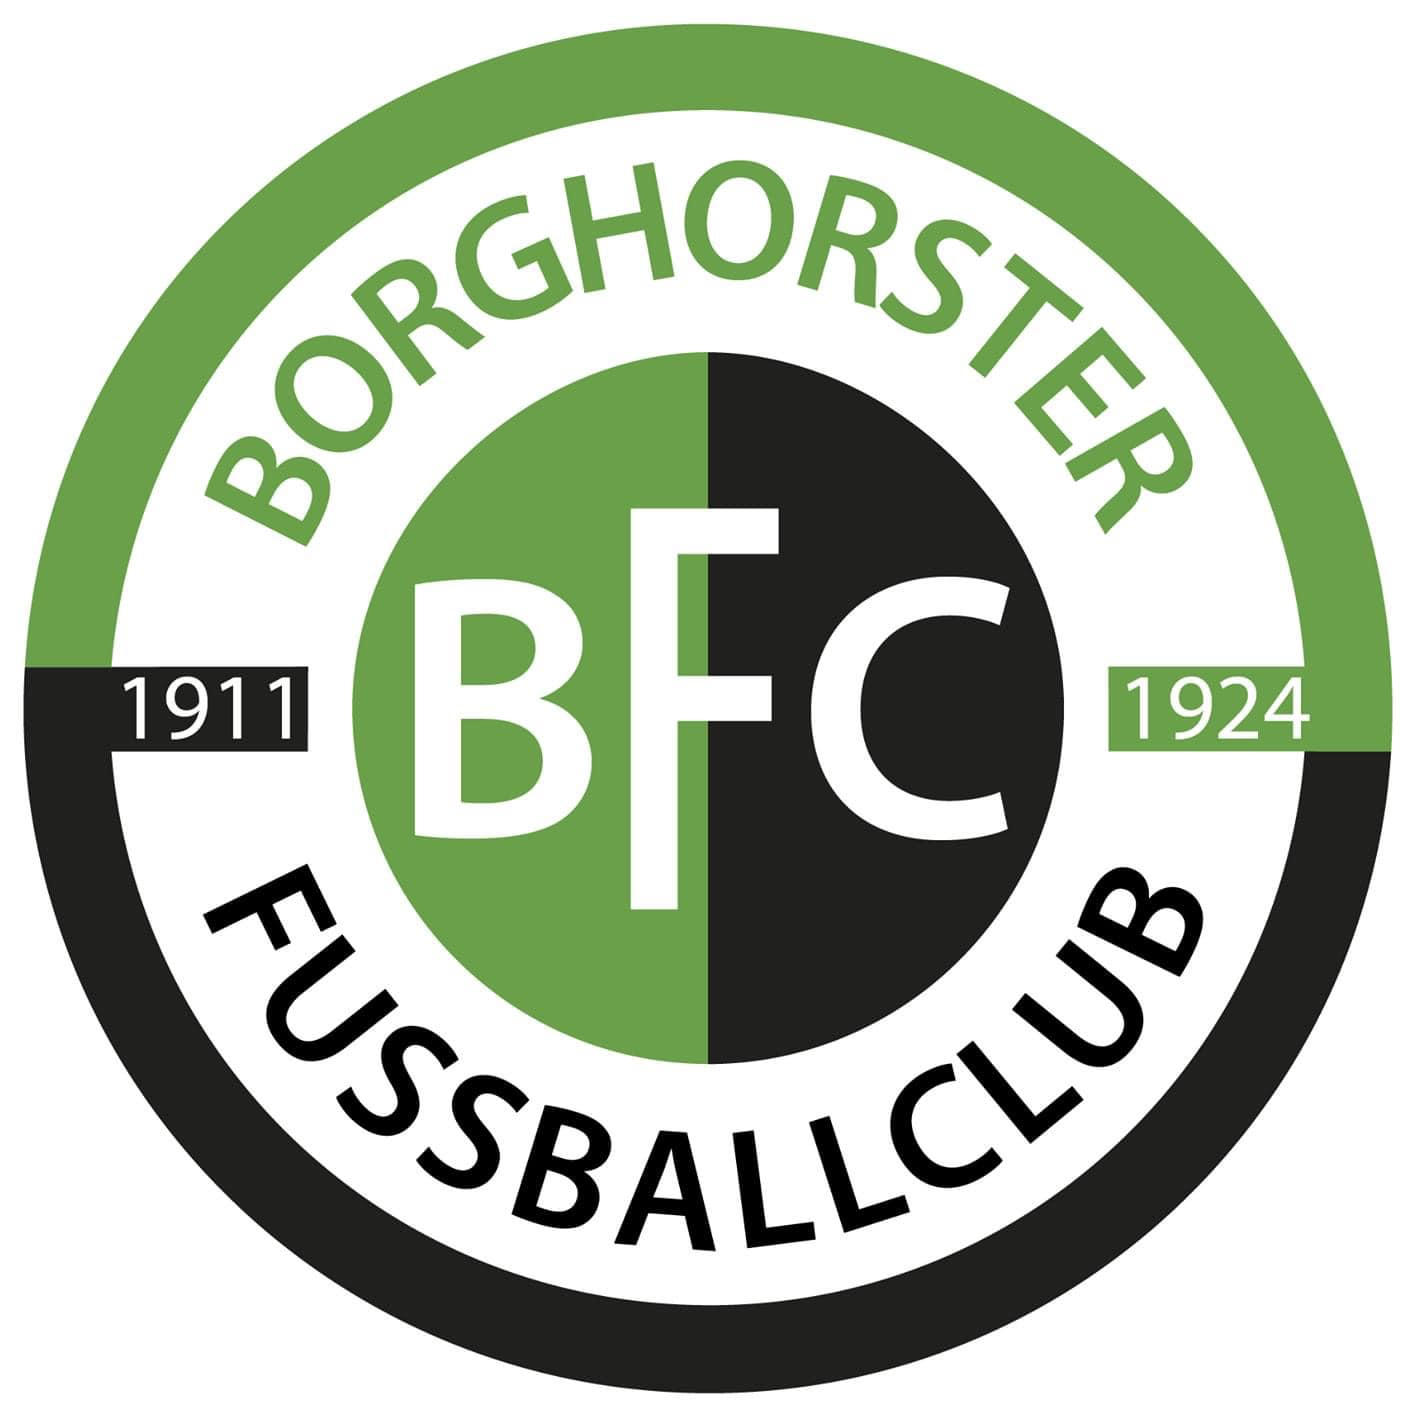 Borghorster FC 1911/1924 e.V.